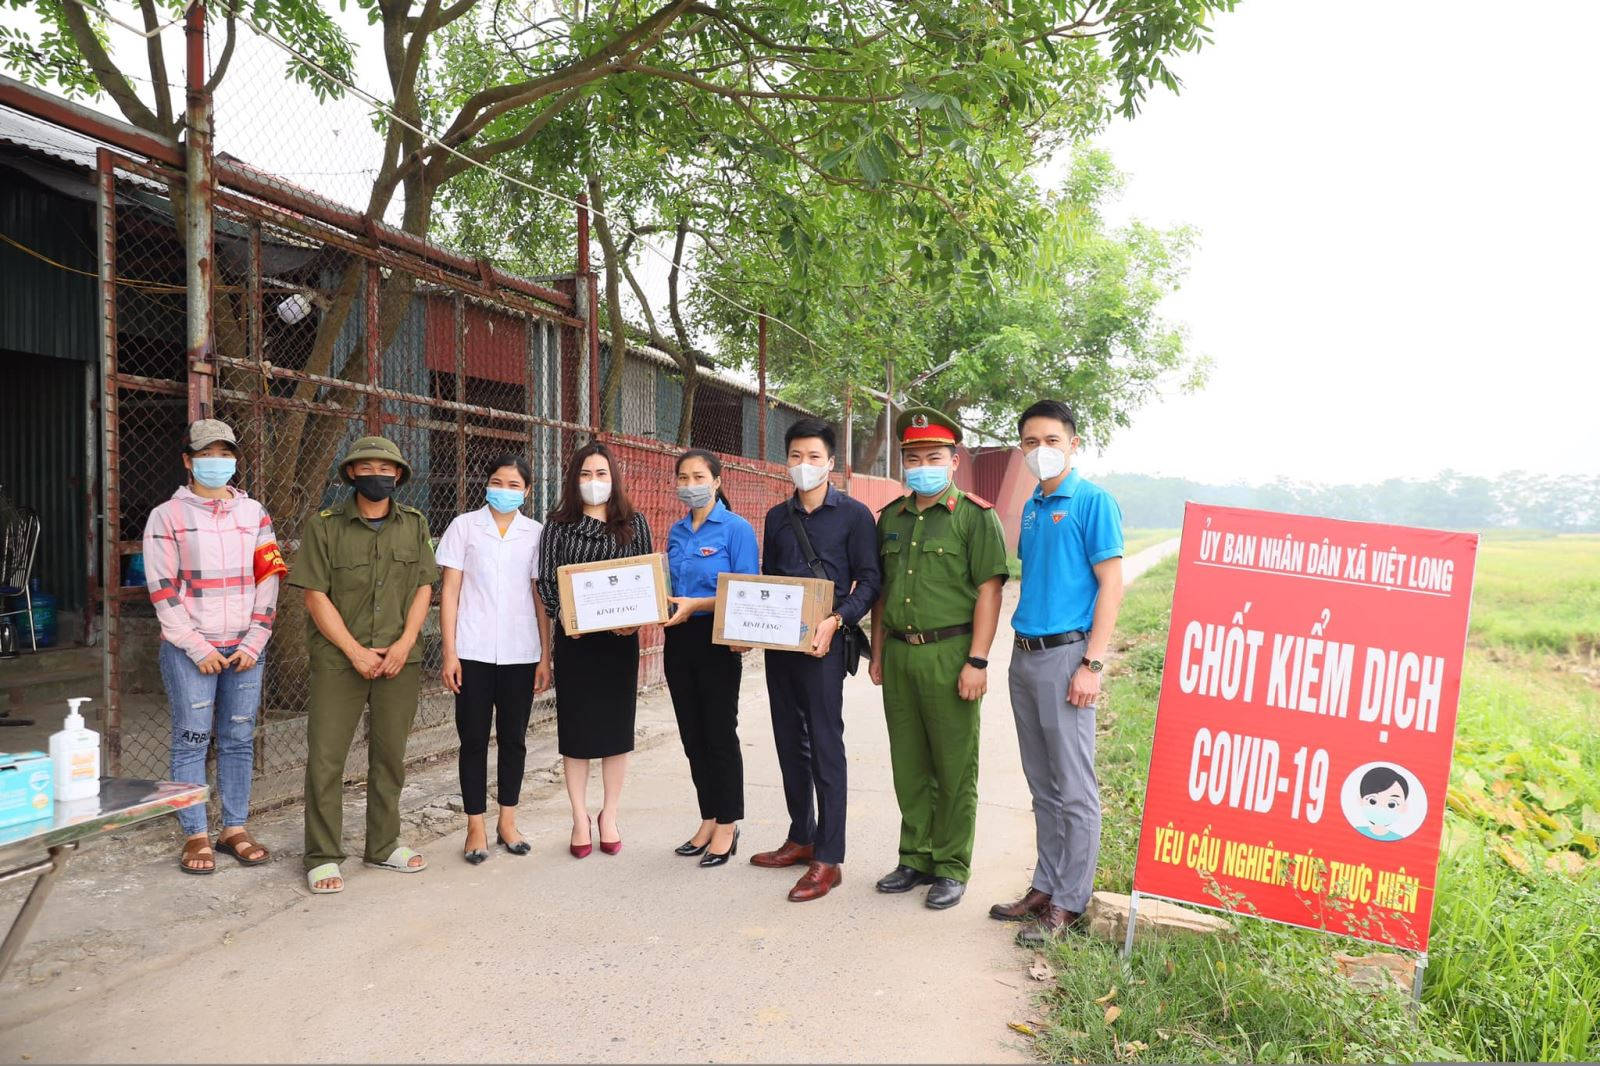 Đoàn Thanh niên Học viện tiếp tục ủng hộ phòng chống dịch